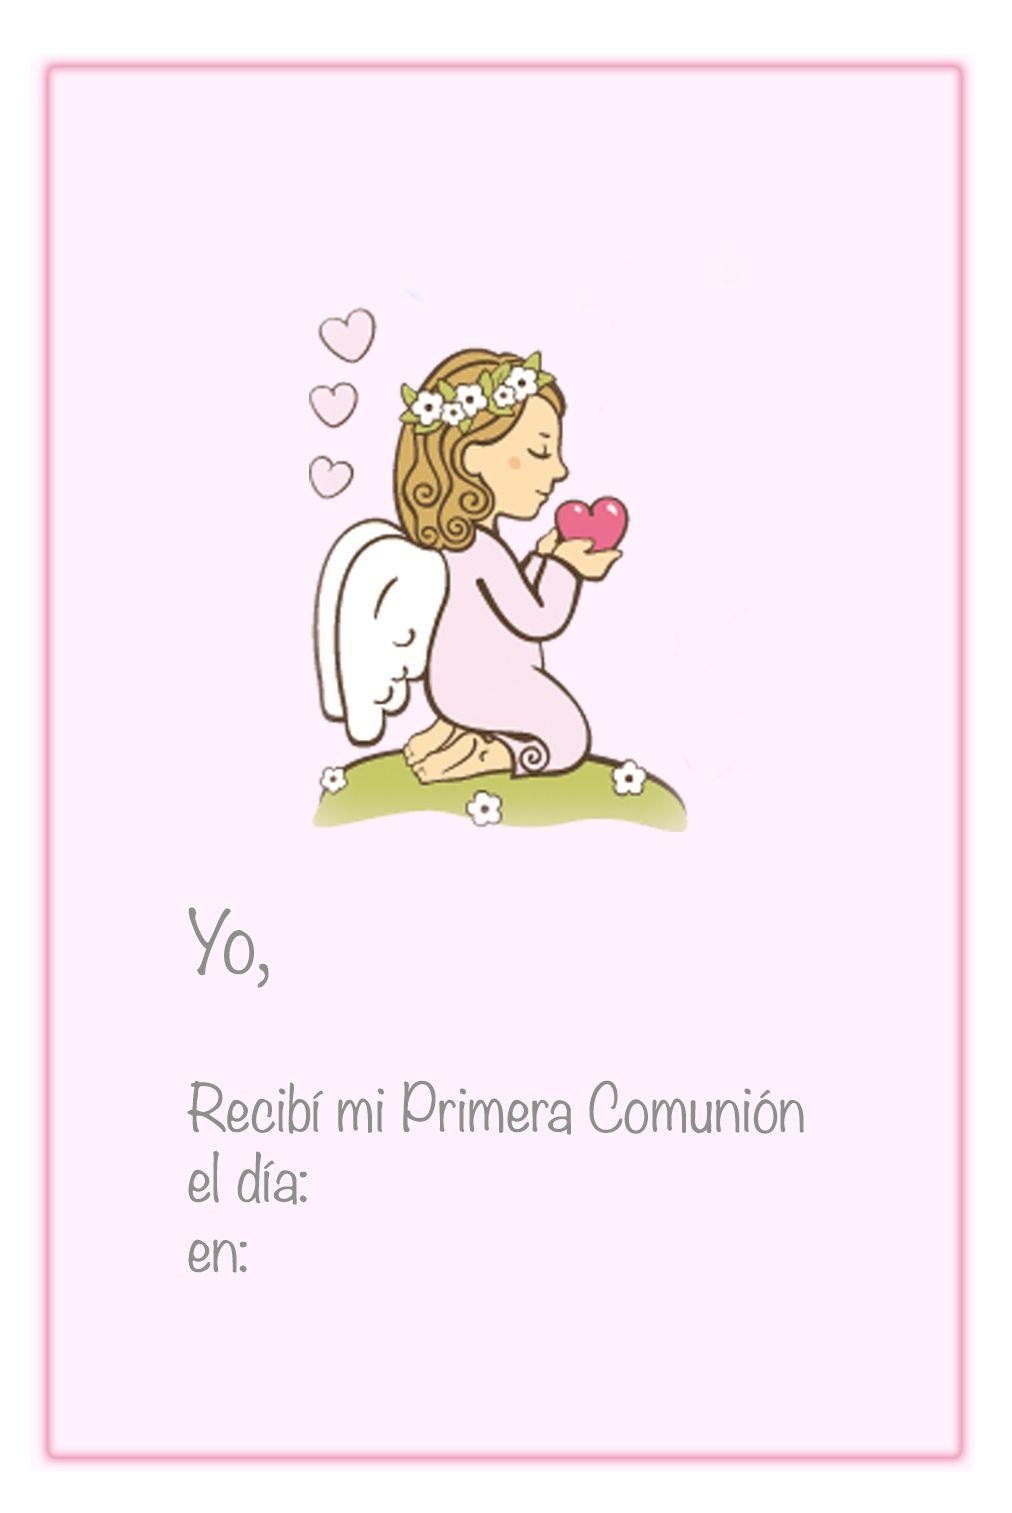 Recordatorio de la primera comuni n para imprimir con un ngel rezando sobre fondo rosa http - Recordatorios de comunion para imprimir ...